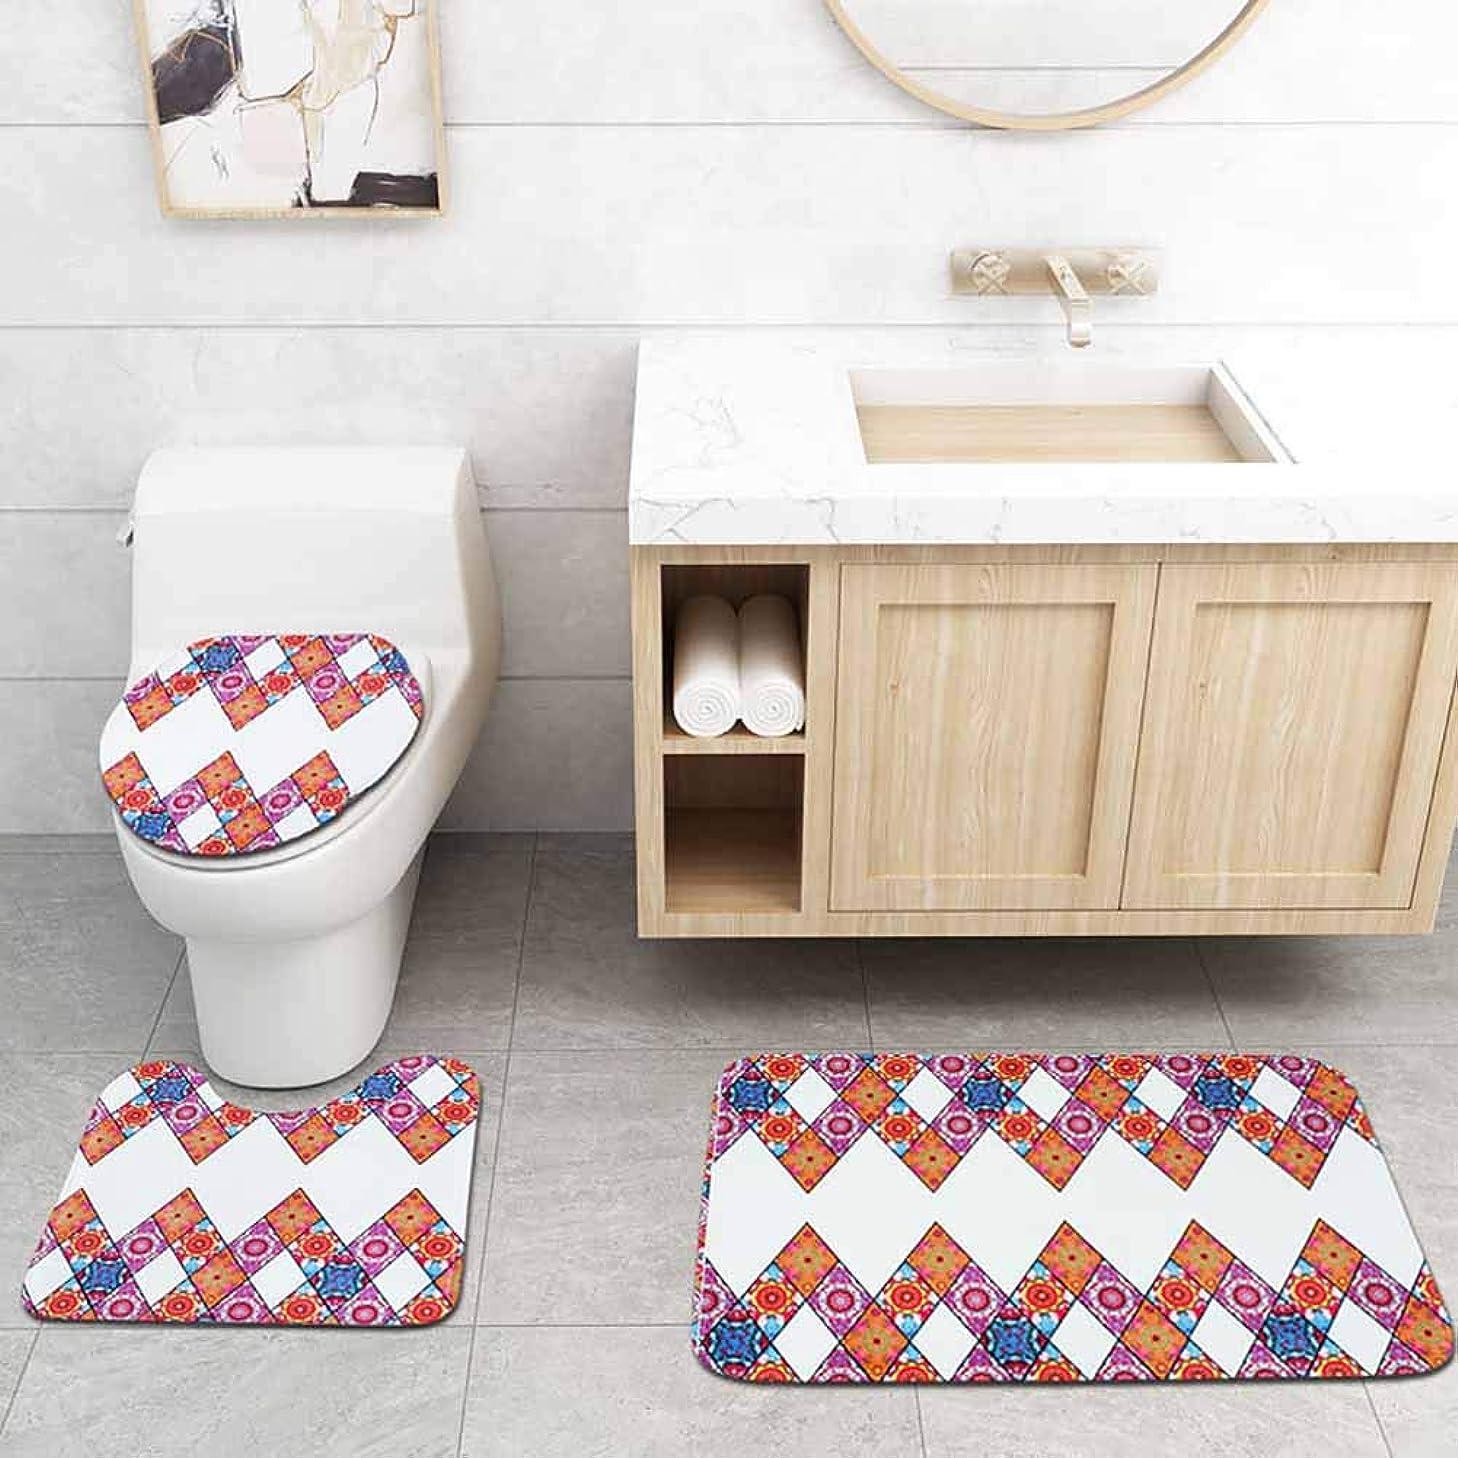 ティッシュどのくらいの頻度で透過性ダイヤモンドパターン4ピースシャワーカーテンカーペットセット、シャワーカーテンマット、浴室のカーペット、装飾領域のカーペット、あなたの浴室をより鮮やかに,A